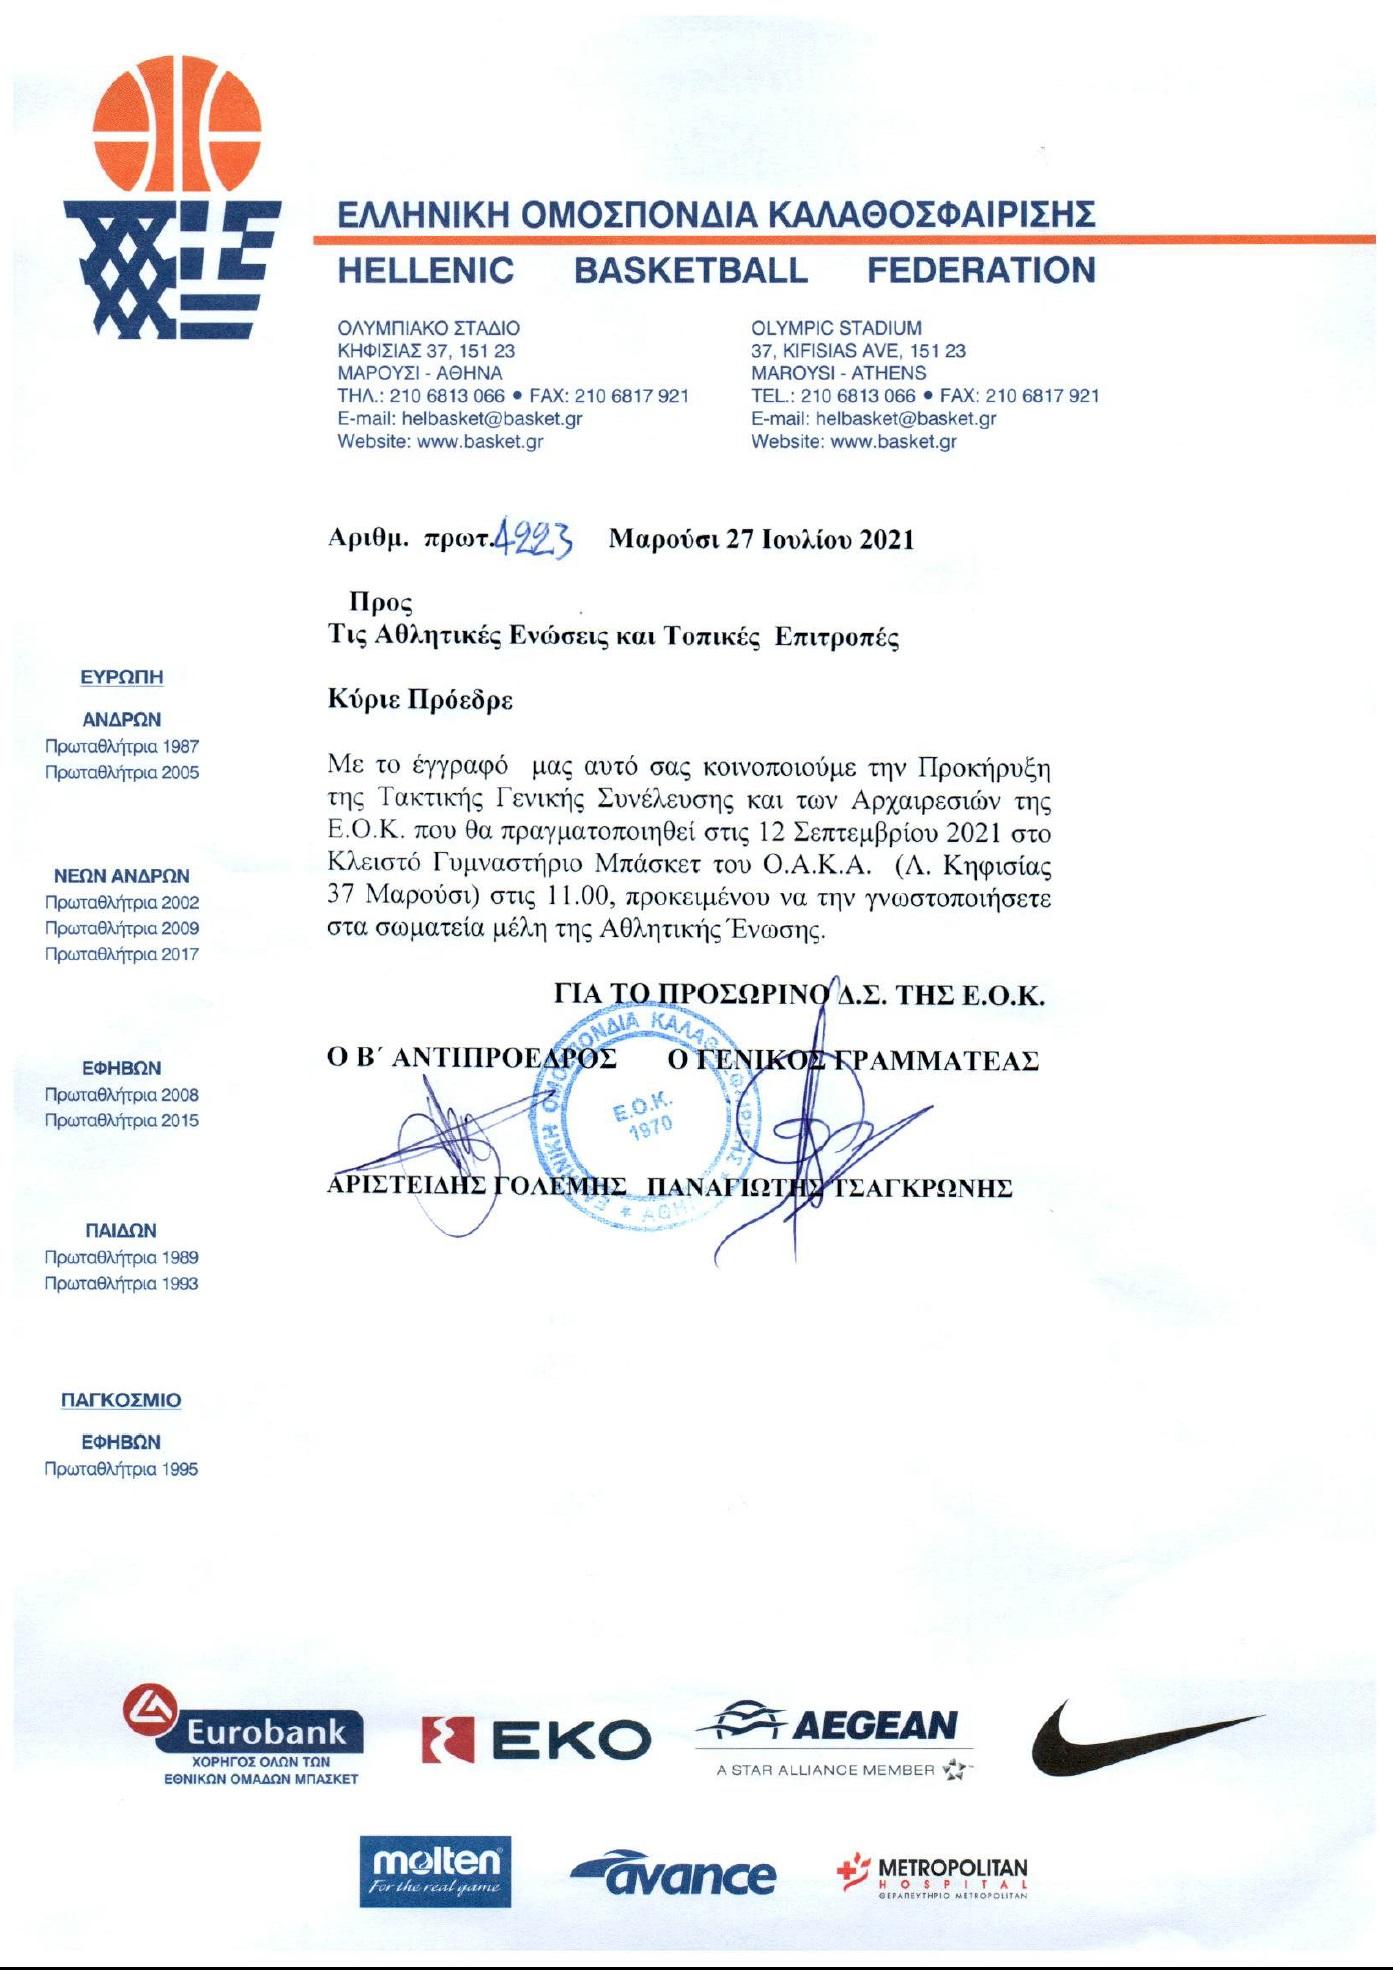 Γενική Συνέλευση & Αρχαιρεσίες ΕΟΚ  στις 12 Σεπτέμβρη